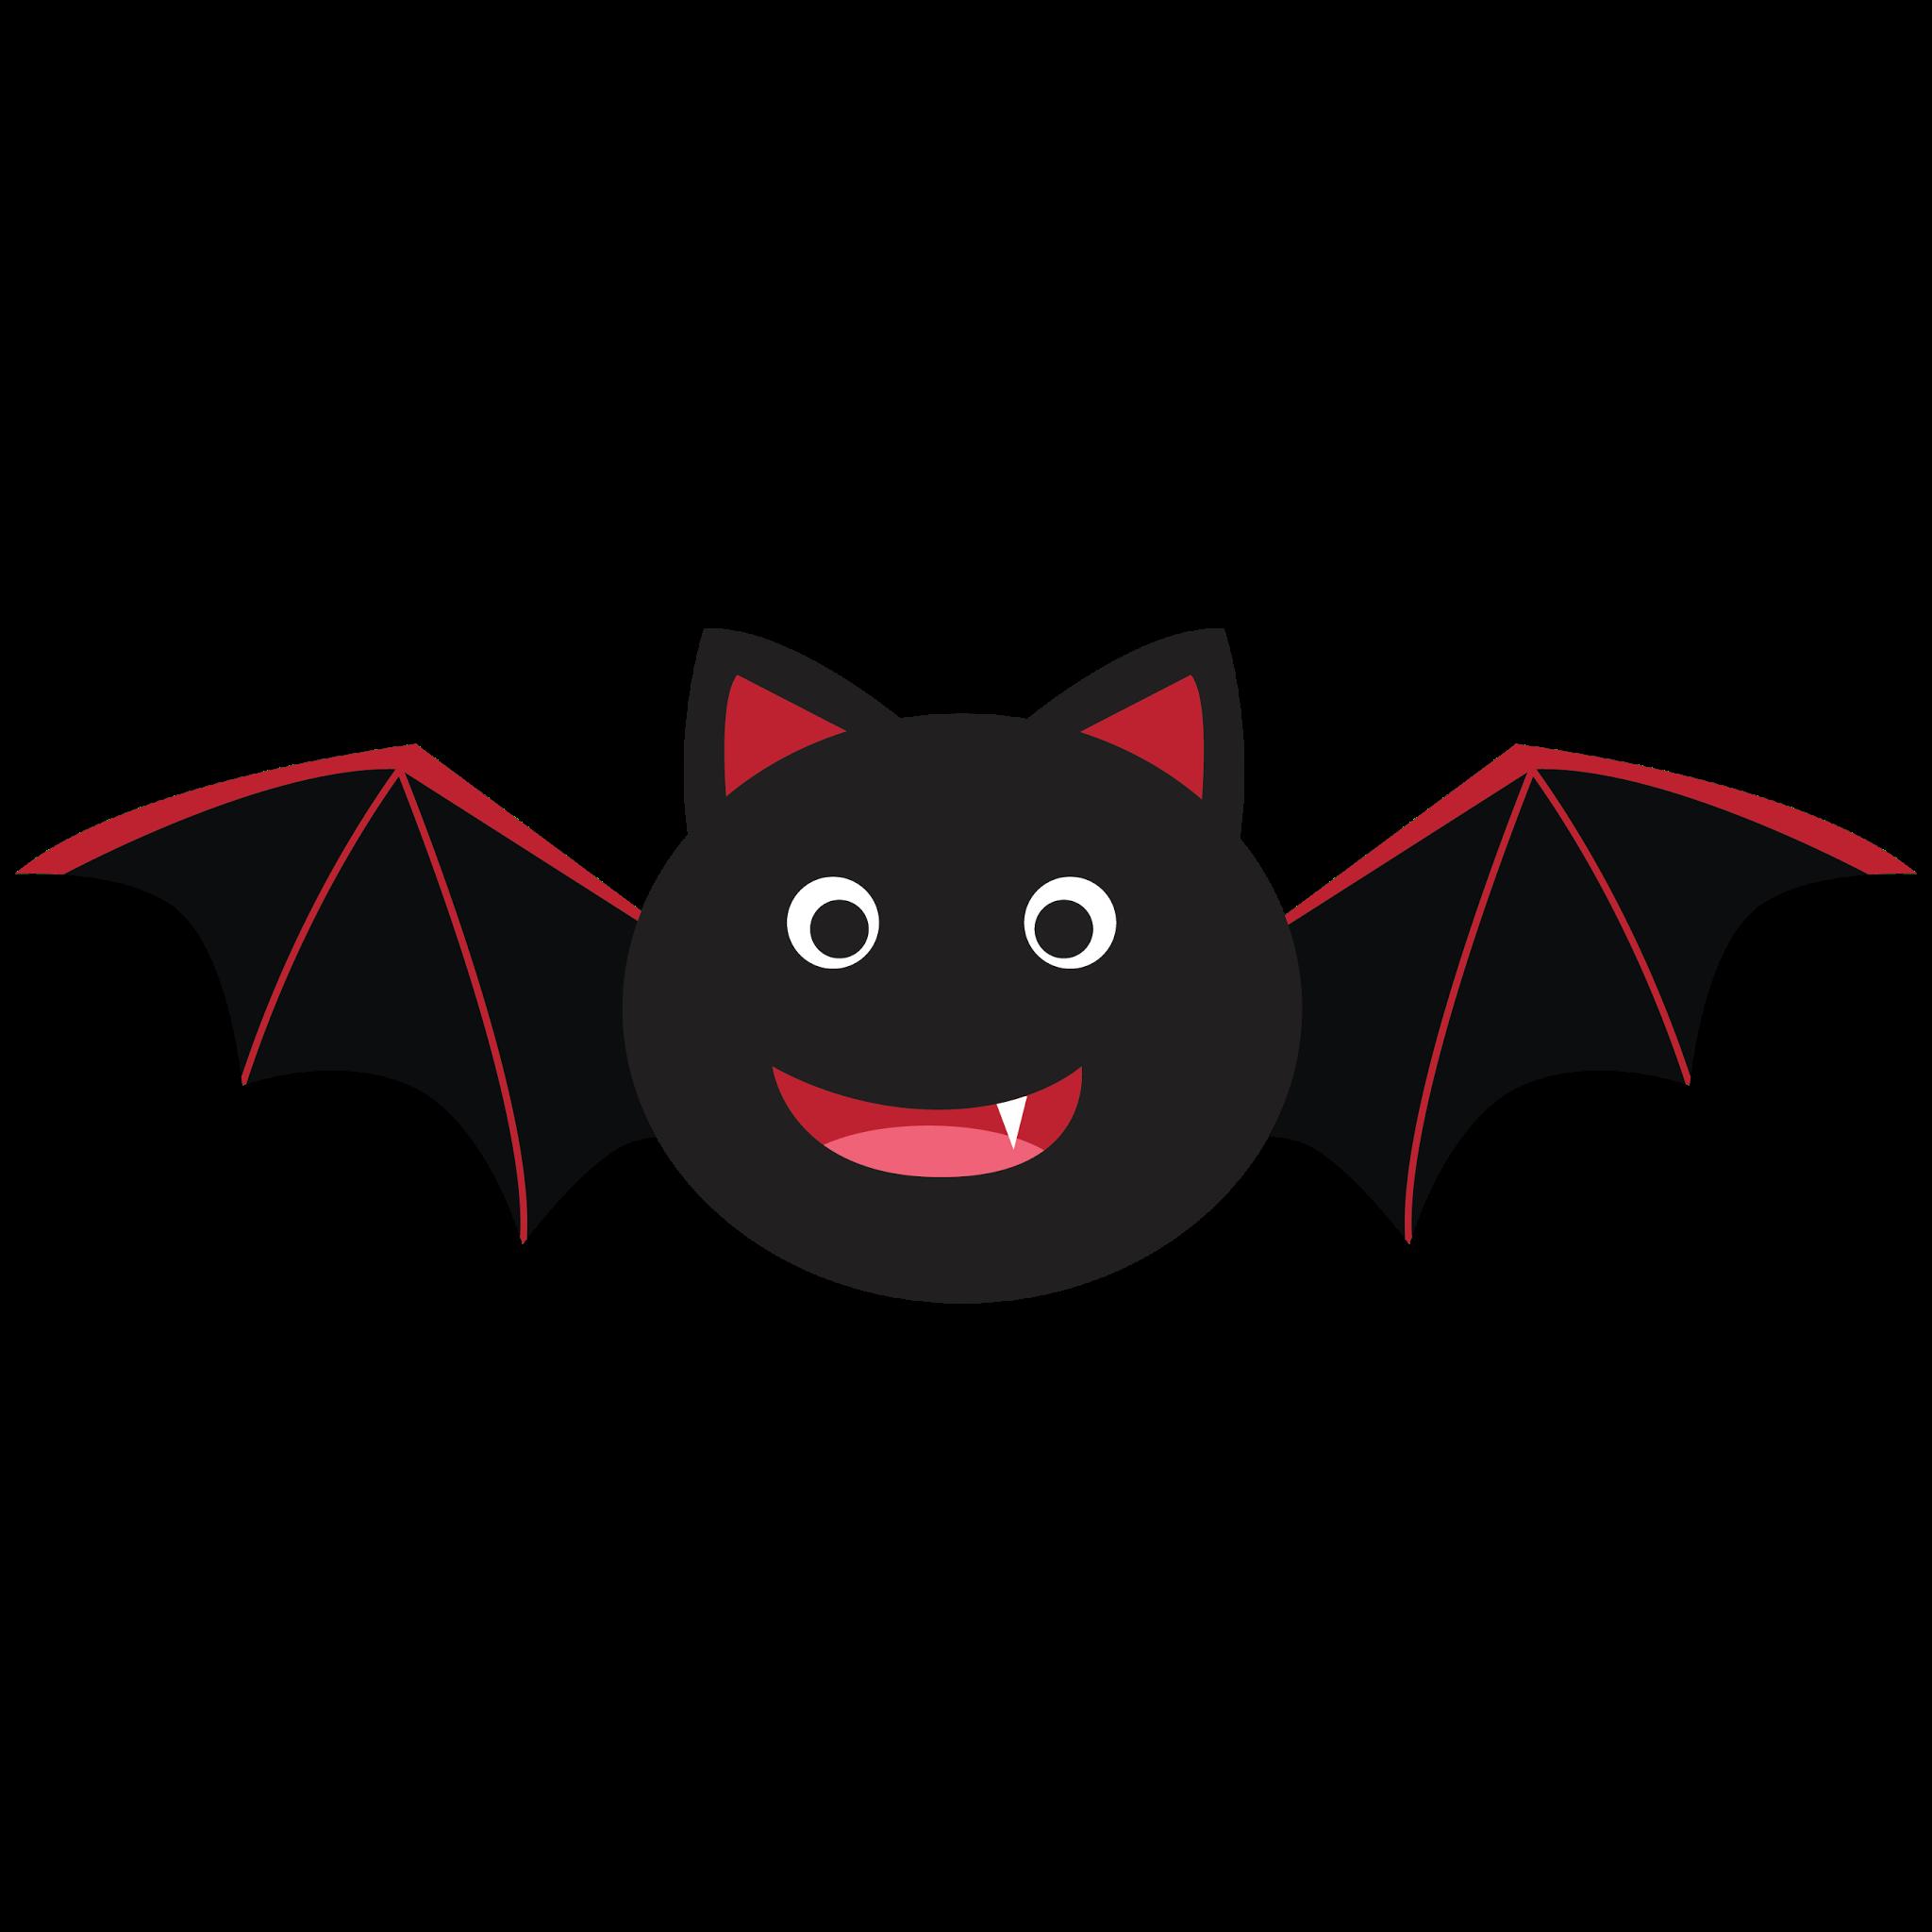 Bat clipart #4, Download drawings